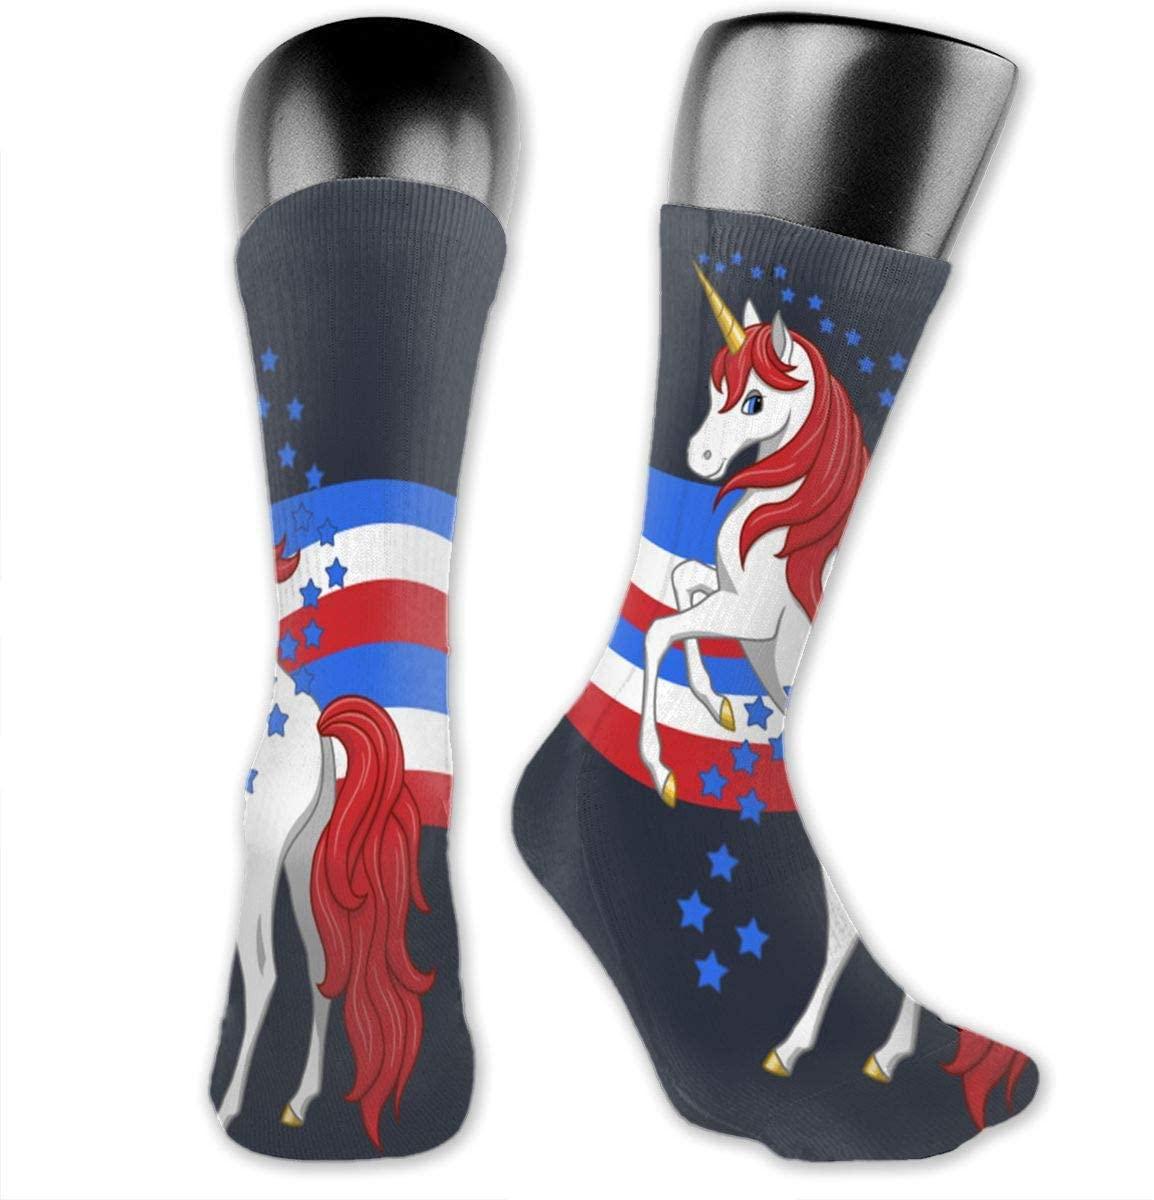 Red White Blue Unicorn Unisex Outdoor Long Socks Sport Athletic Crew Socks Stockings